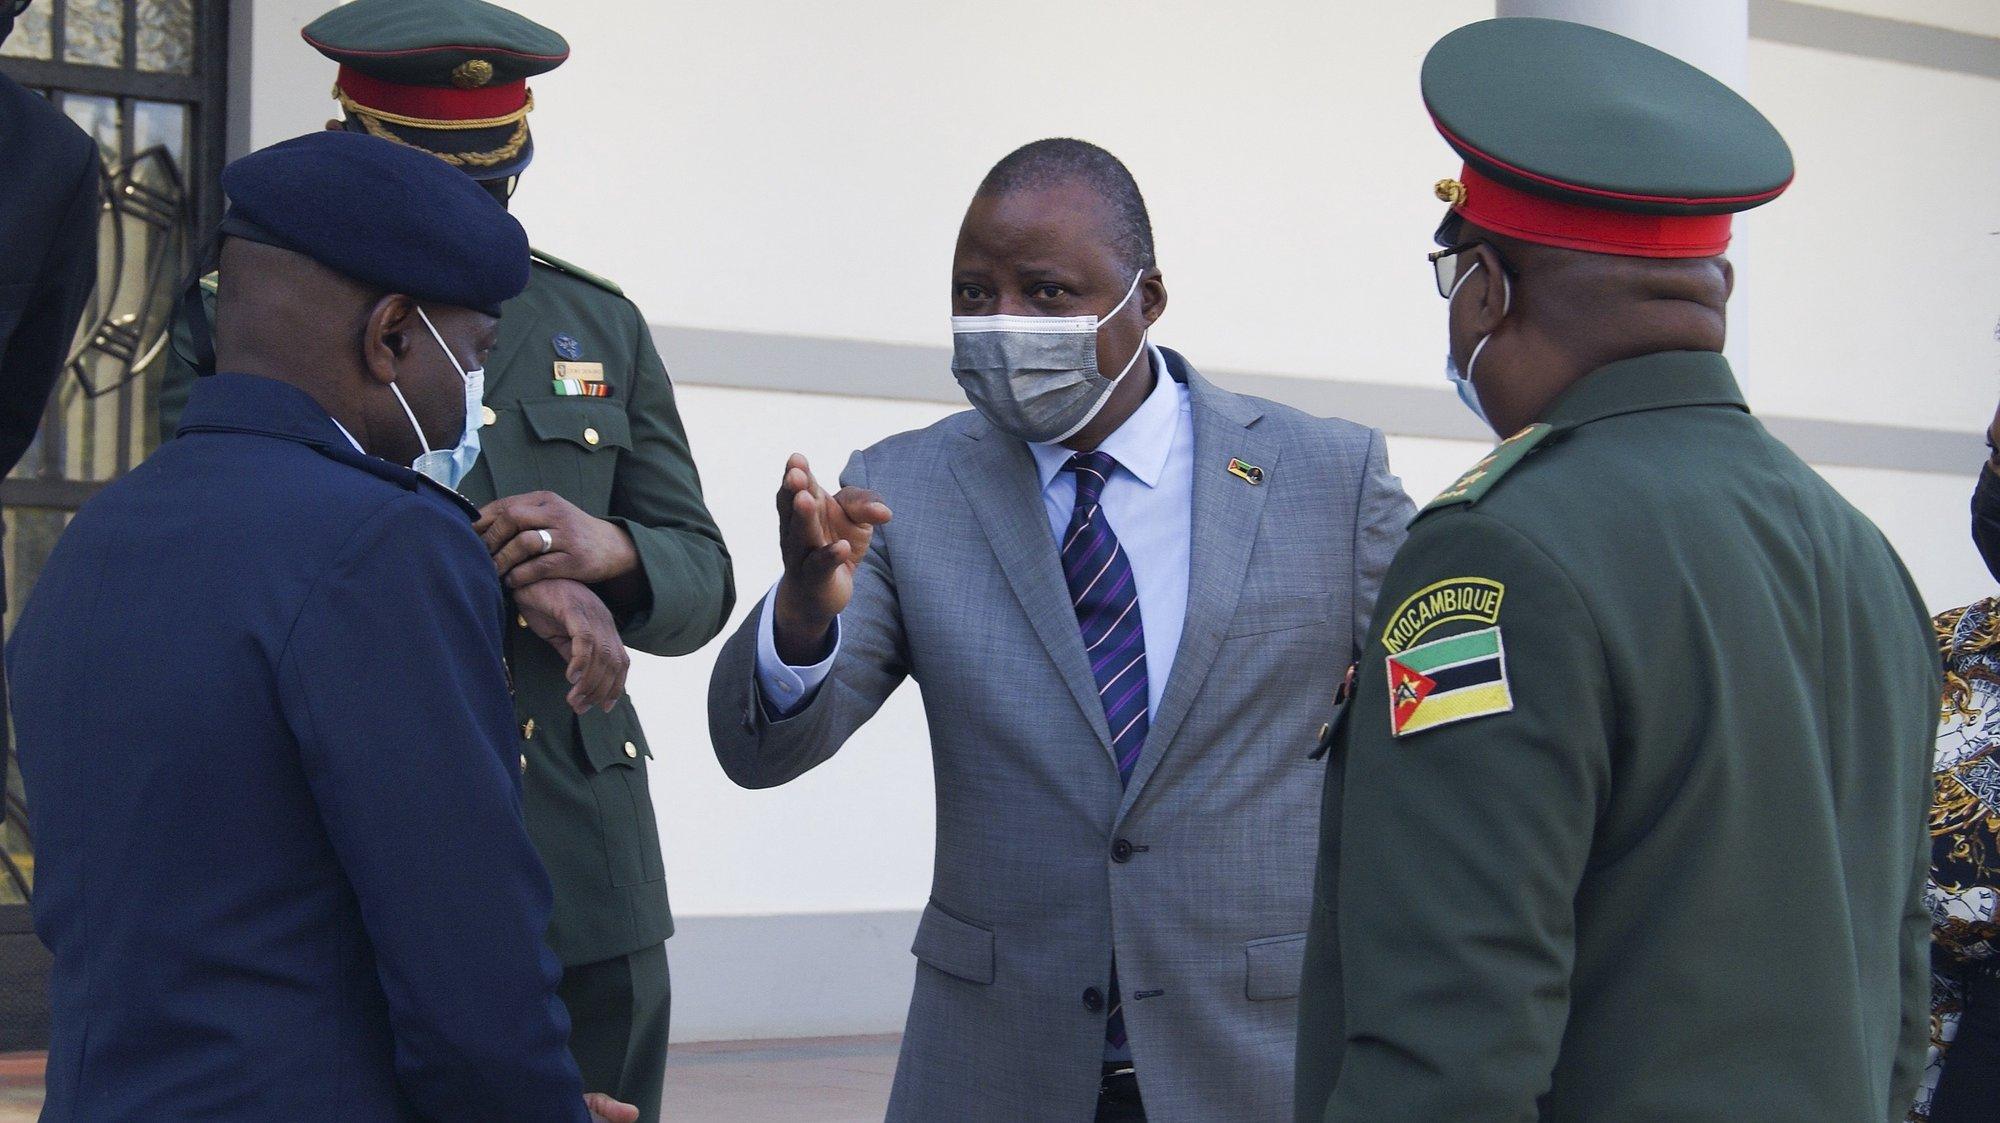 """O ministro da Defesa de Moçambique, Jaime Neto (C) durante a cerimónia de acreditação de adidos militares em Maputo, Moçambique, 30 de julho de 2021. O ministro da Defesa de Moçambique disse hoje que os terroristas estão a ser abatidos e se encontram """"numa situação muito dramática"""", em resultado de """"operações intensas"""" que decorrem em Cabo Delgado, apoiadas por forças ruandesas. LUÍSA NHANTUMBO / LUSA"""